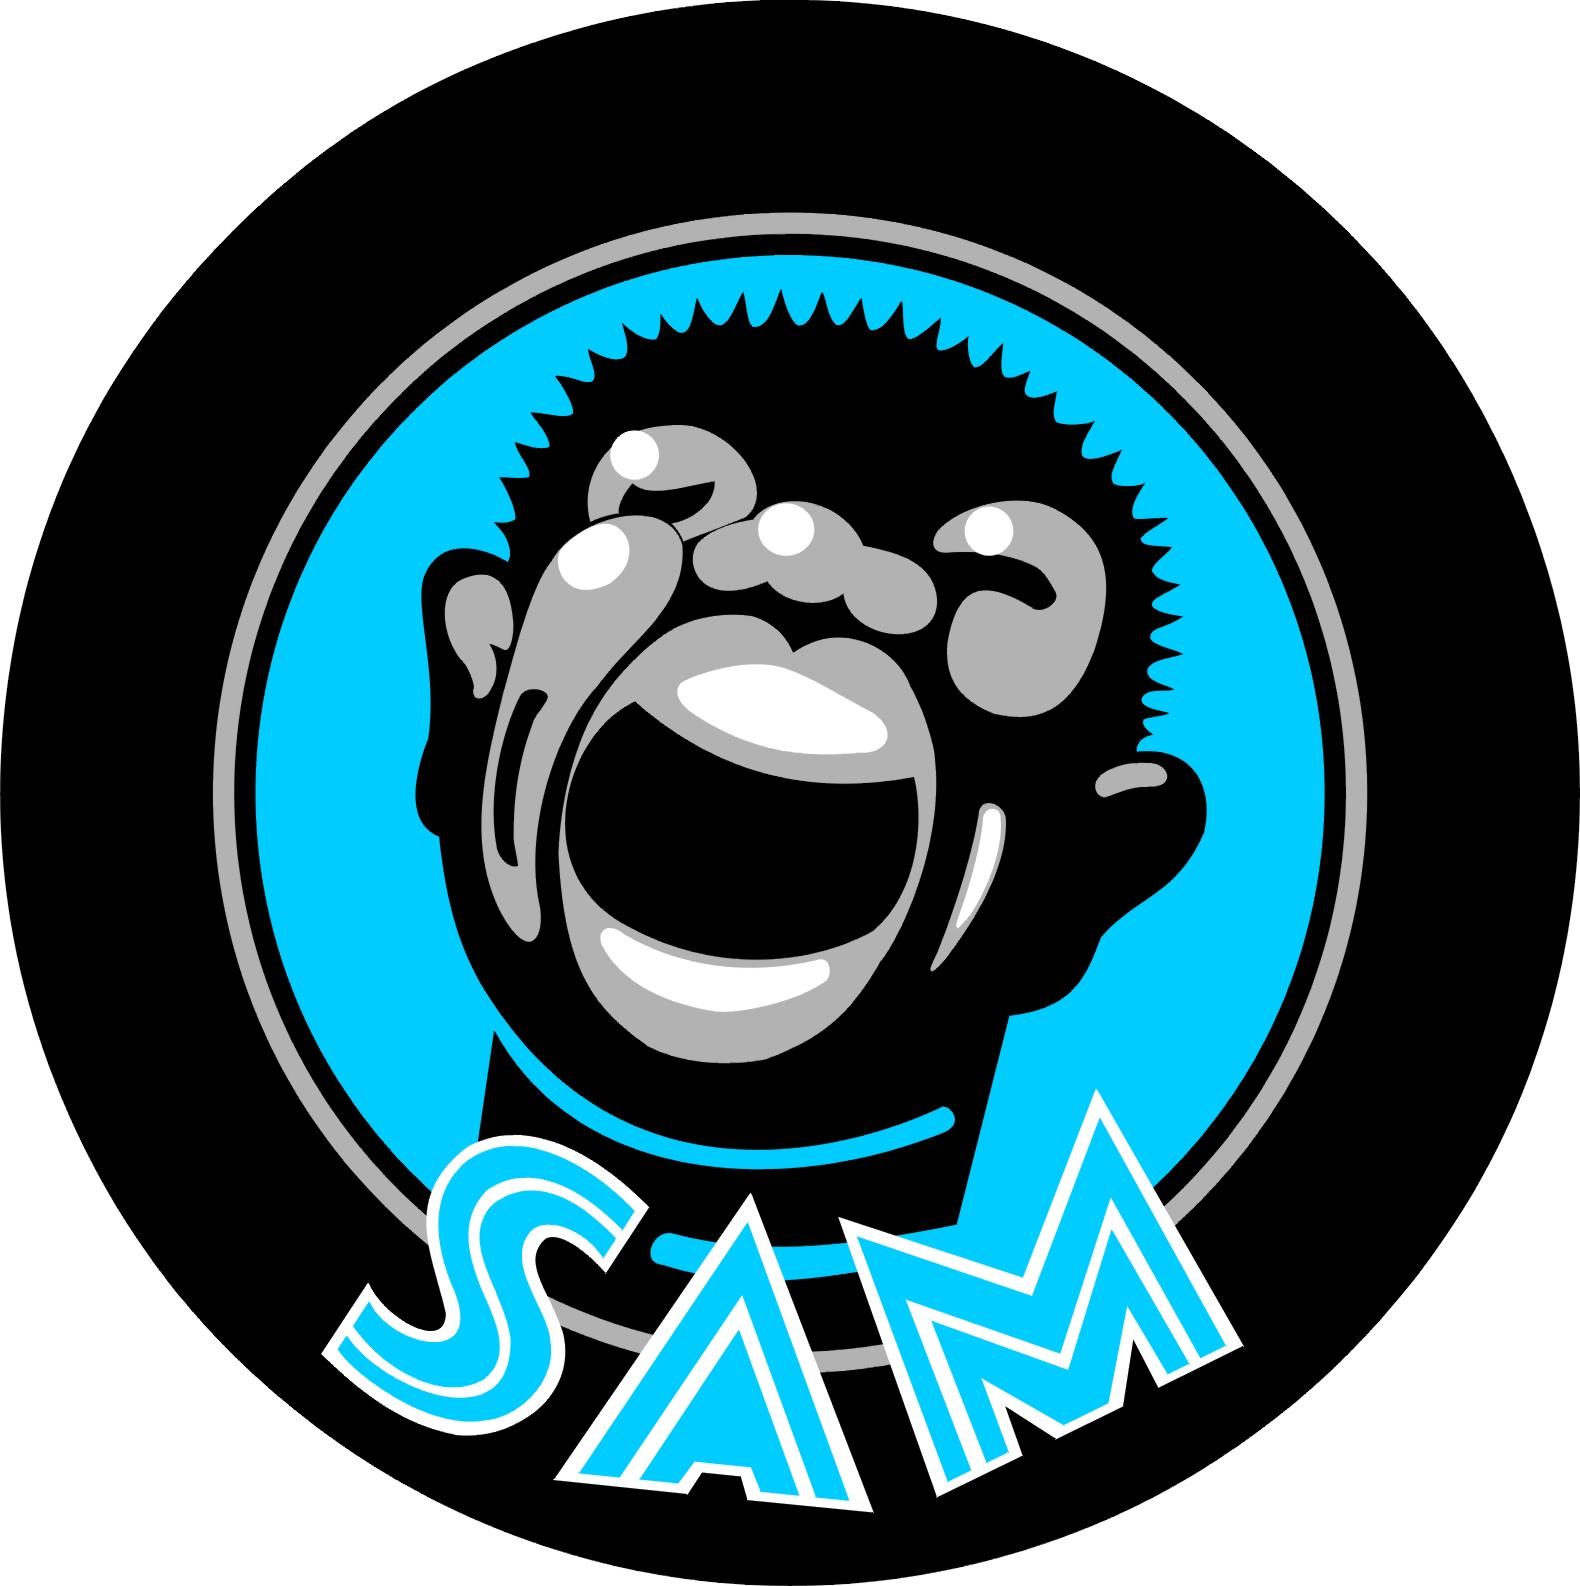 Sam Boulevard